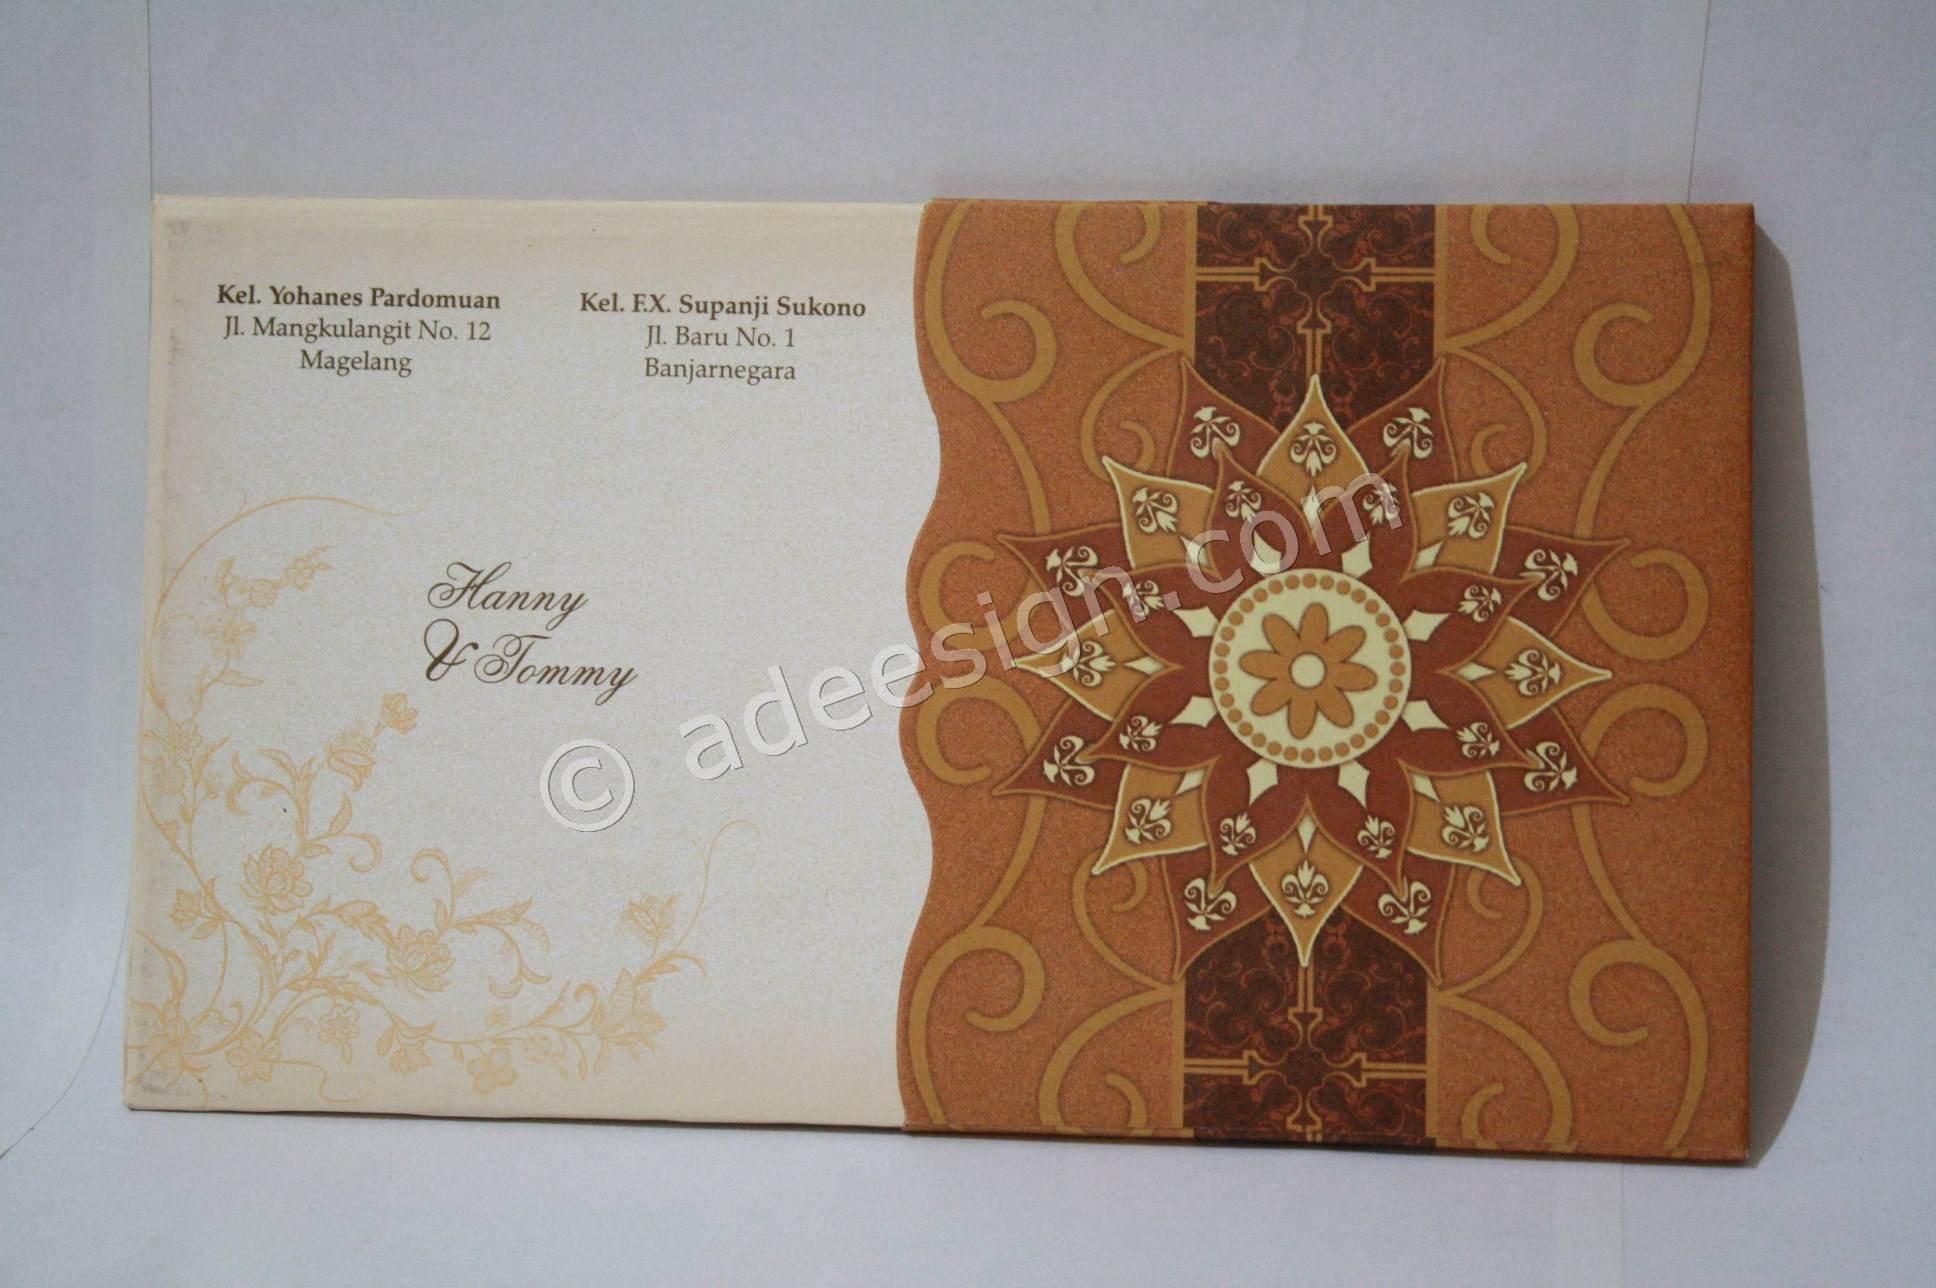 Spesifikasi kartu undangan pernikahan hardcover Hanny dan Tommy